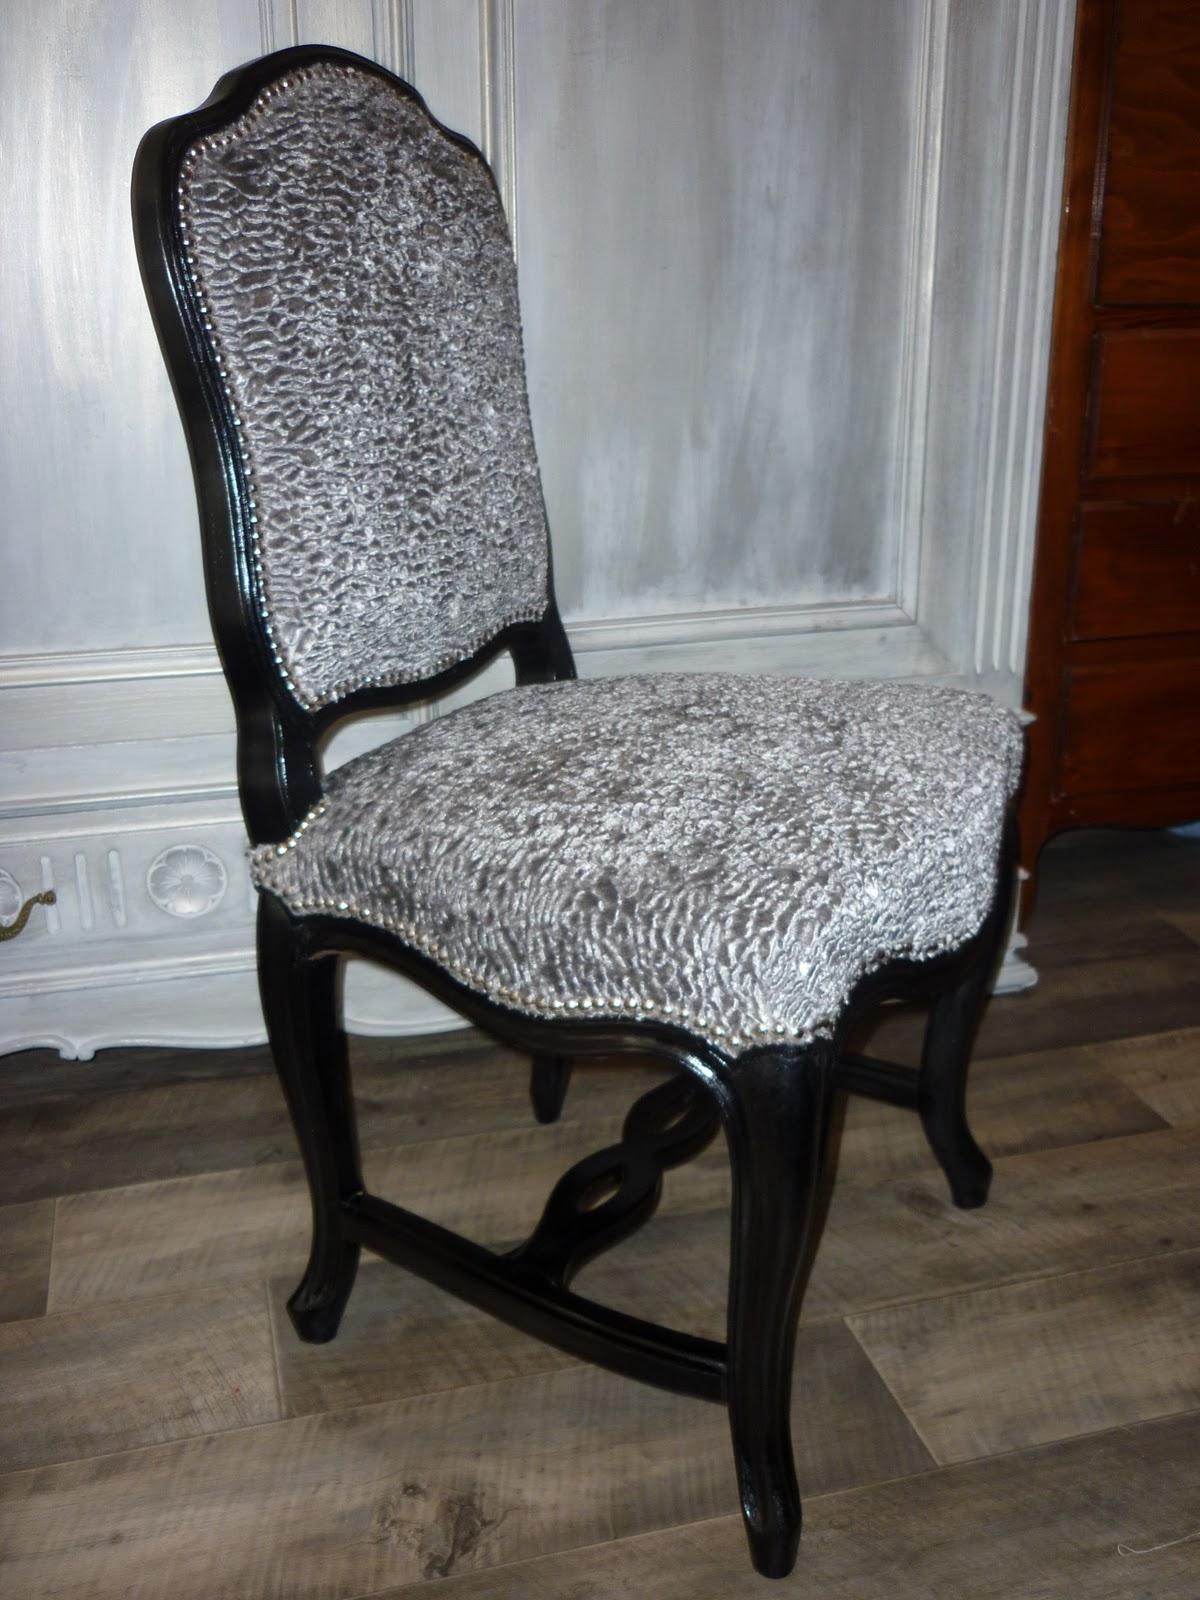 atelier anne lavit artisan tapissier d corateur 69007 lyon chaises louis xv. Black Bedroom Furniture Sets. Home Design Ideas